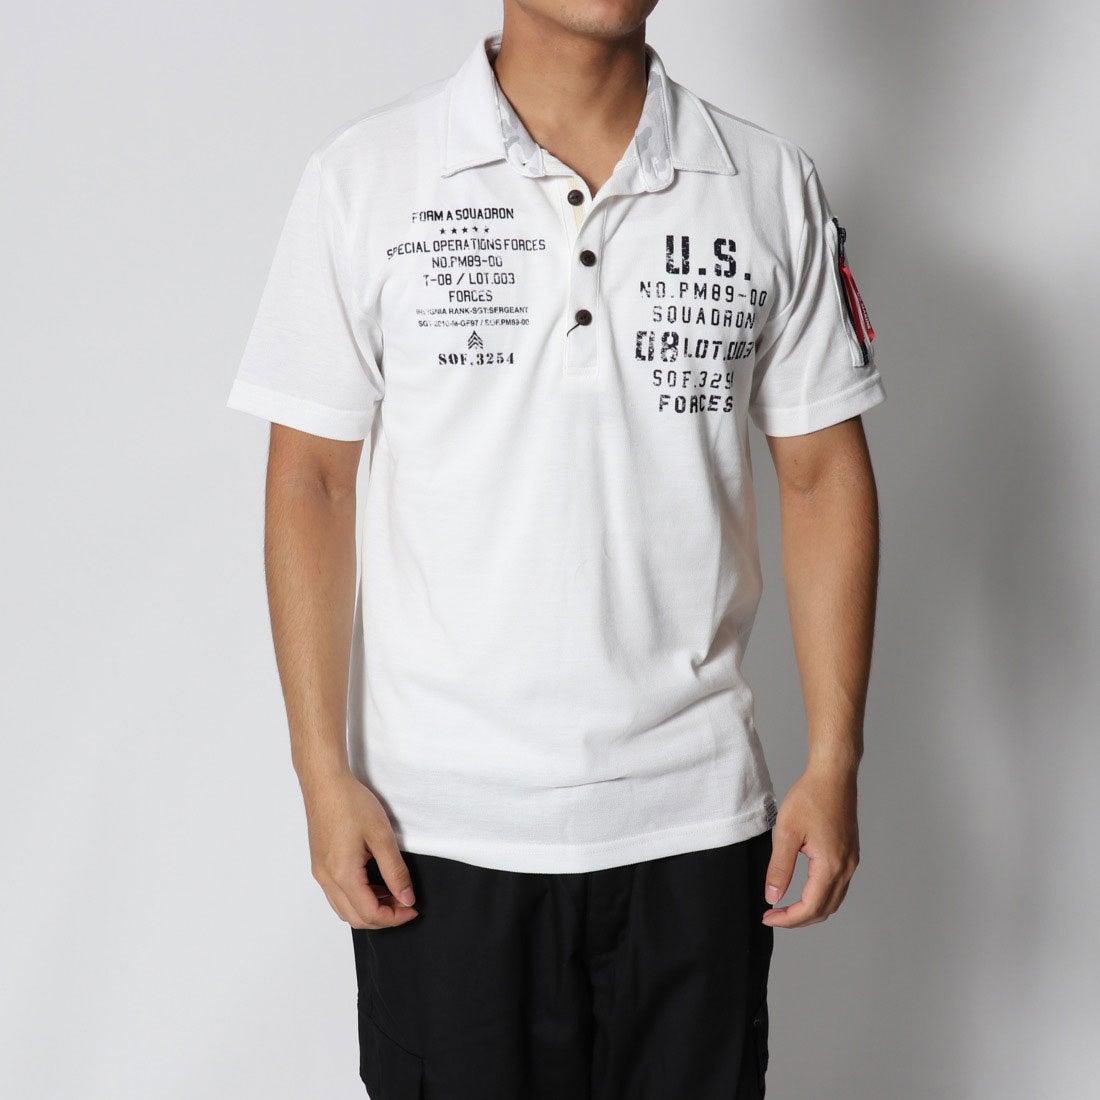 ロコンド 靴とファッションの通販サイトスタイルブロック STYLEBLOCK カノコミリタリープリント&MA-1調ポケット付き半袖ポロシャツ (ホワイト)